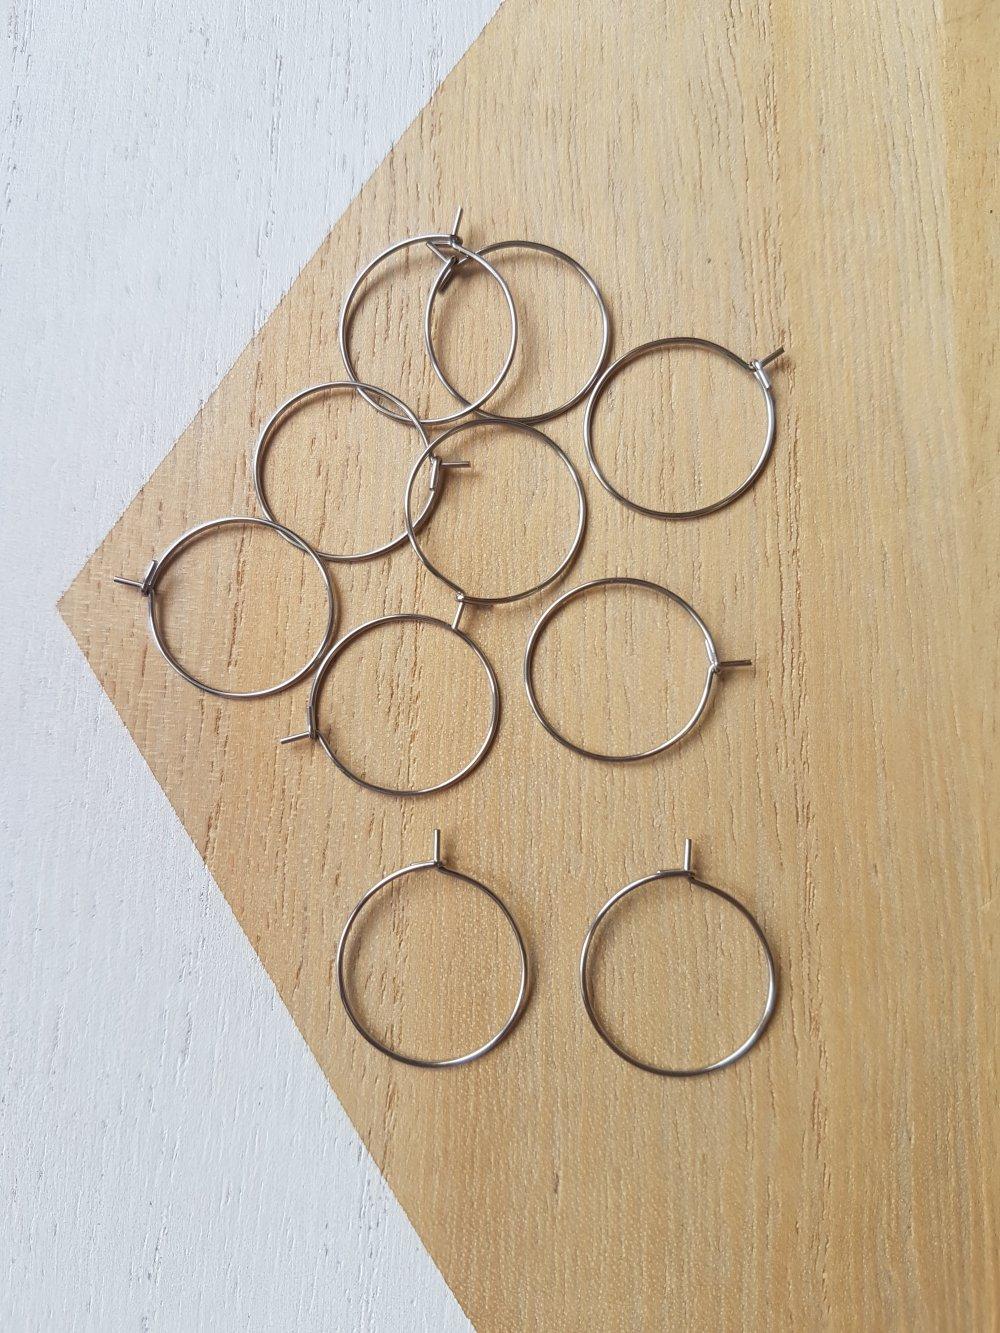 10 Boucles d'oreille créoles en acier inoxydable 20mm, crochet, hameçon, créoles acier argent